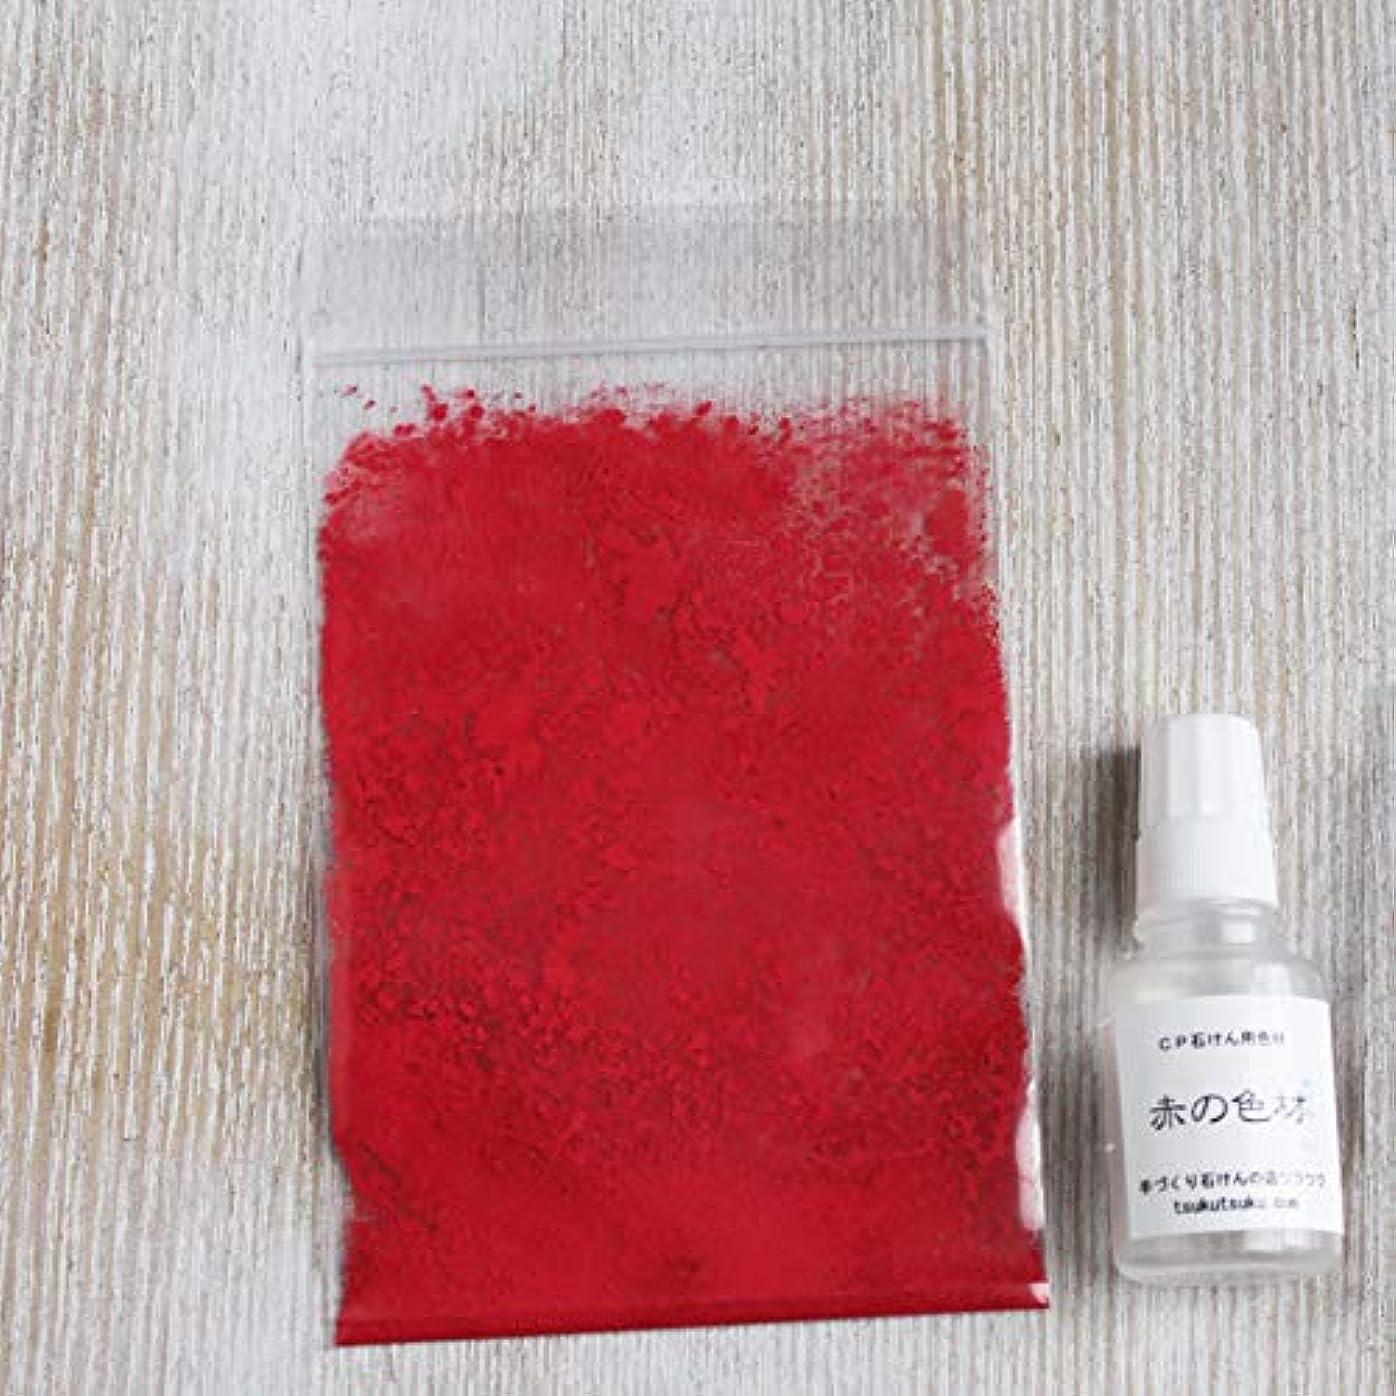 ハング主人休暇CP石けん用色材 赤の色材キット/手作り石けん?手作り化粧品材料